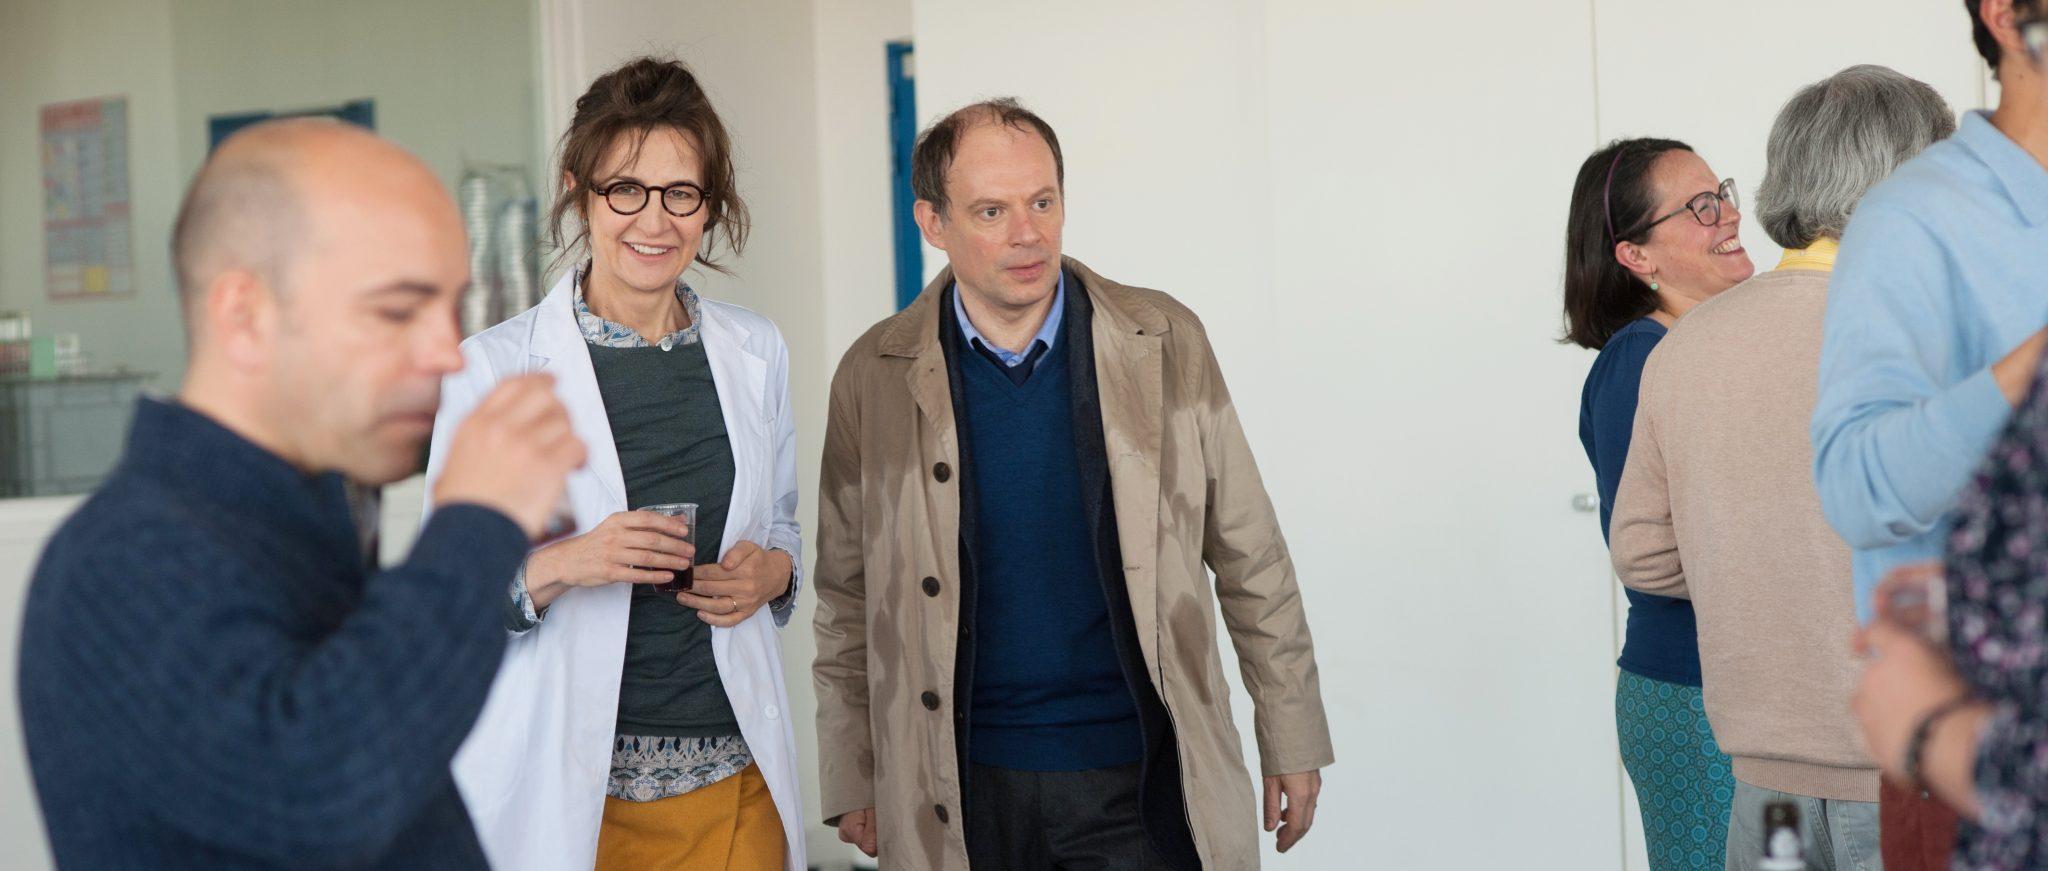 Marie-Francine critique film photo 6